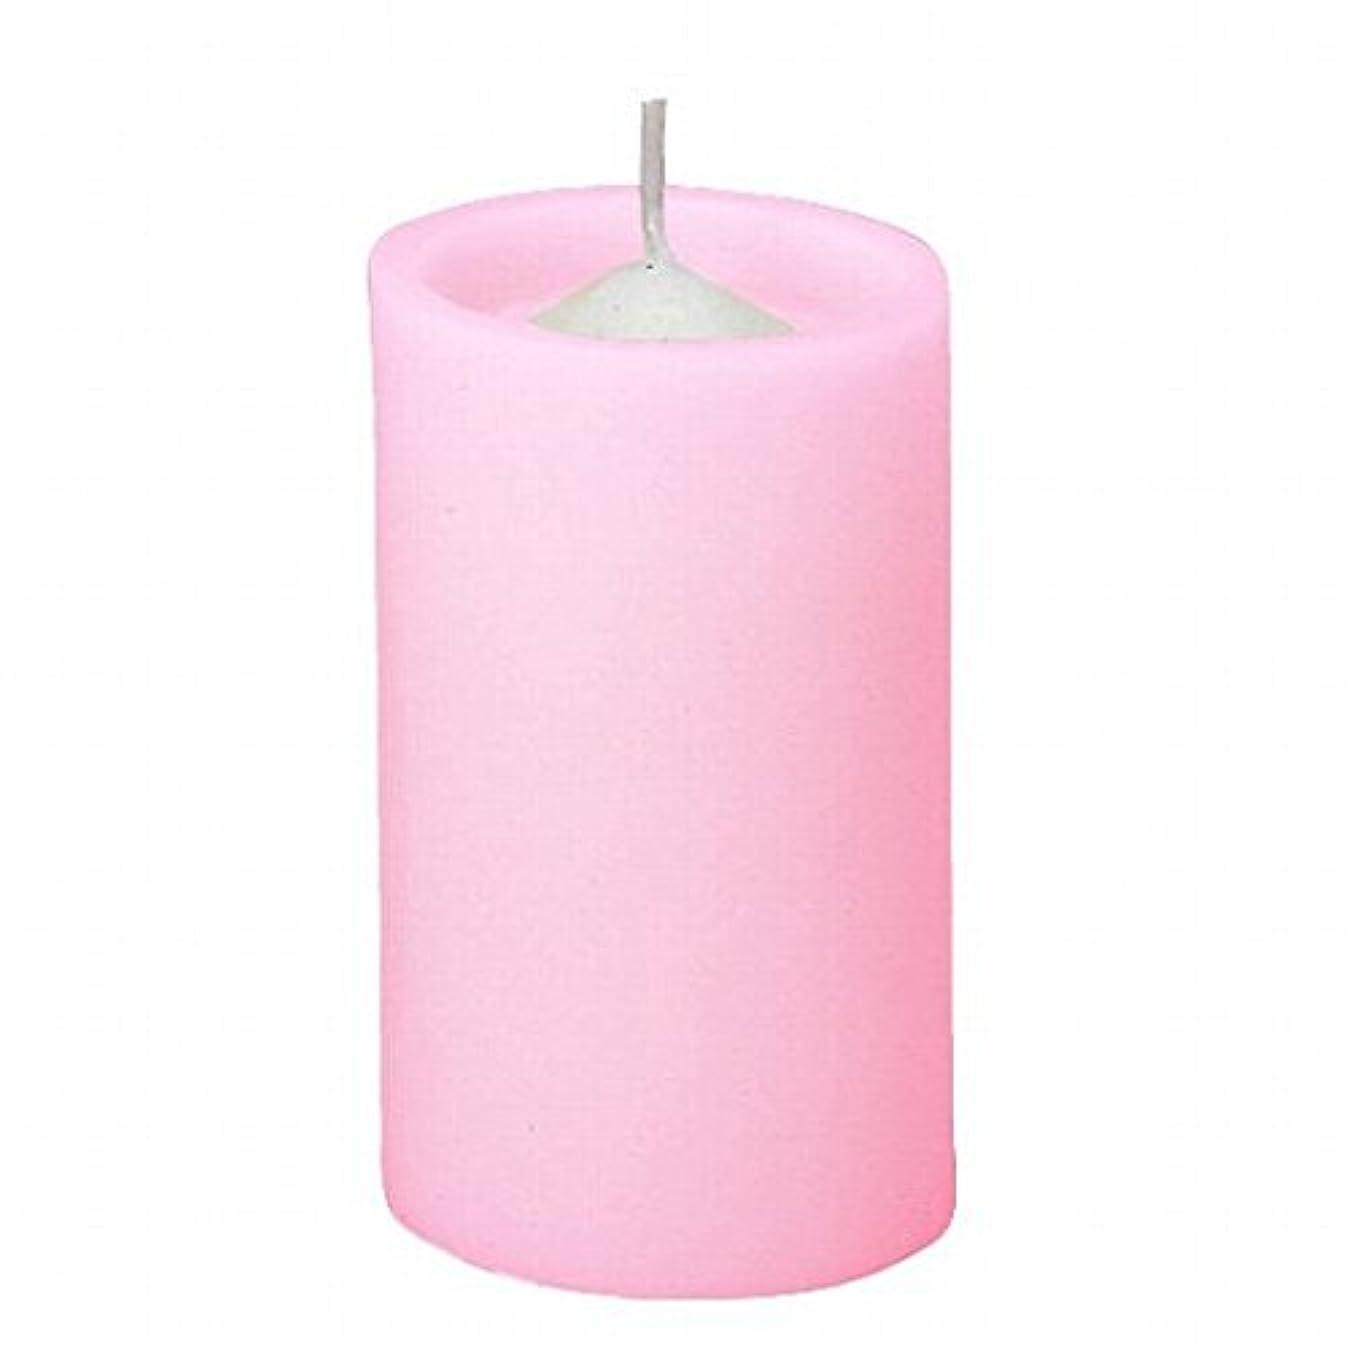 それら外国人気怠いヤンキーキャンドル(YANKEE CANDLE) ロイヤルラウンド 50 「 ピンク 」